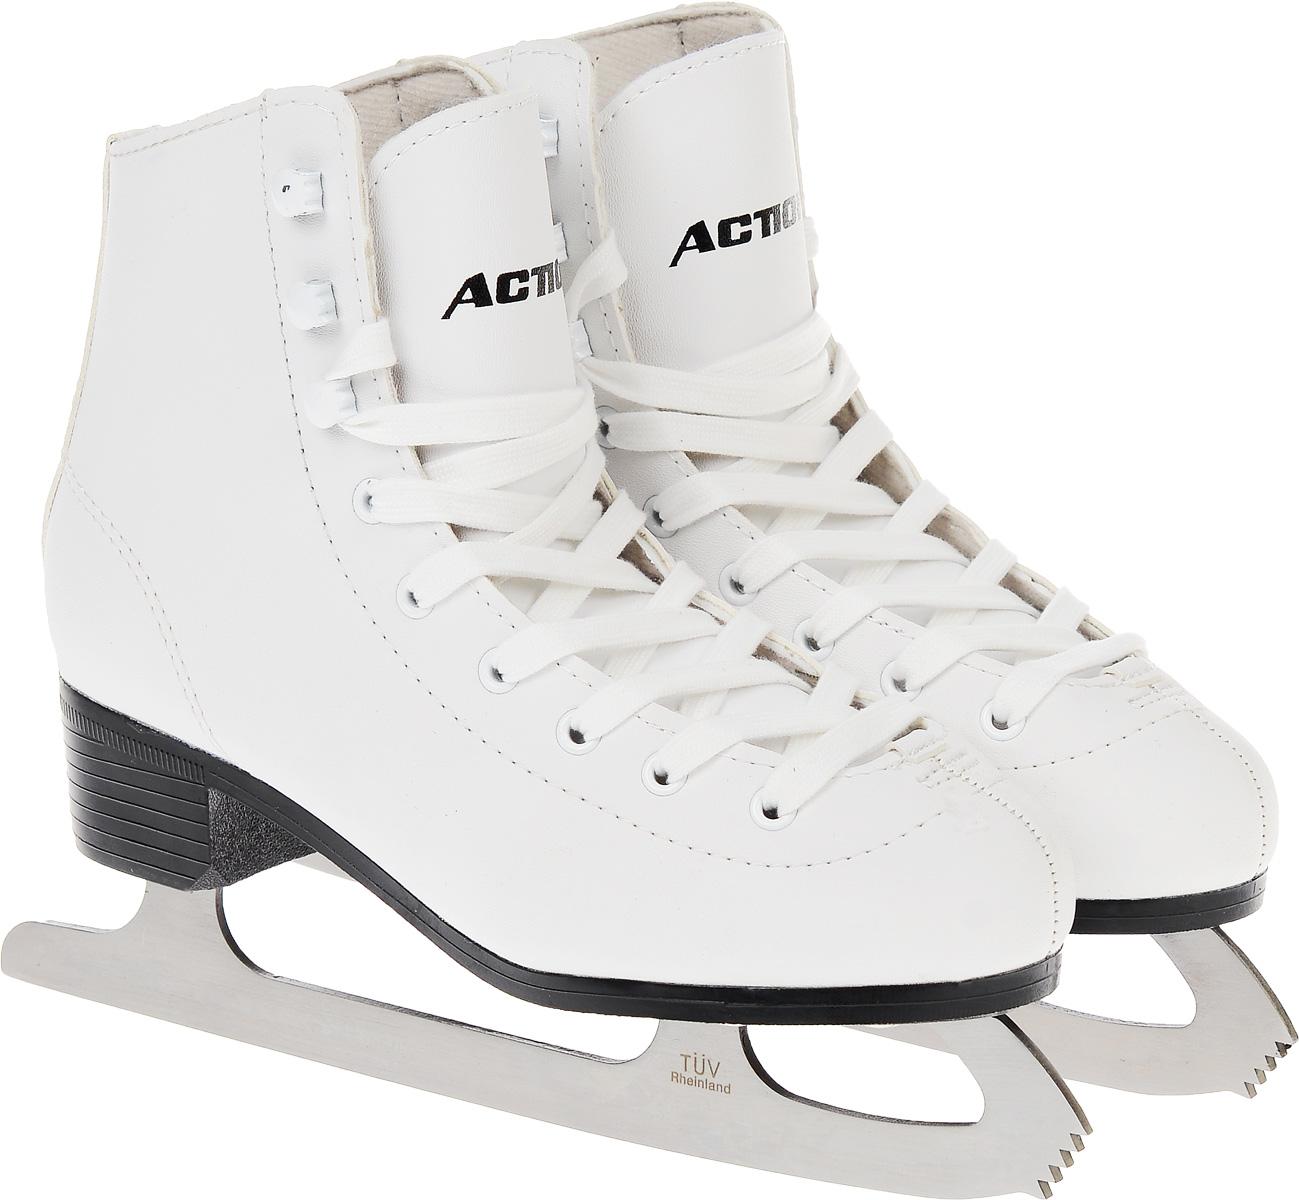 Коньки фигурные женские Action Sporting Goods, цвет: белый. PW-215. Размер 38 PW-215_белый_38